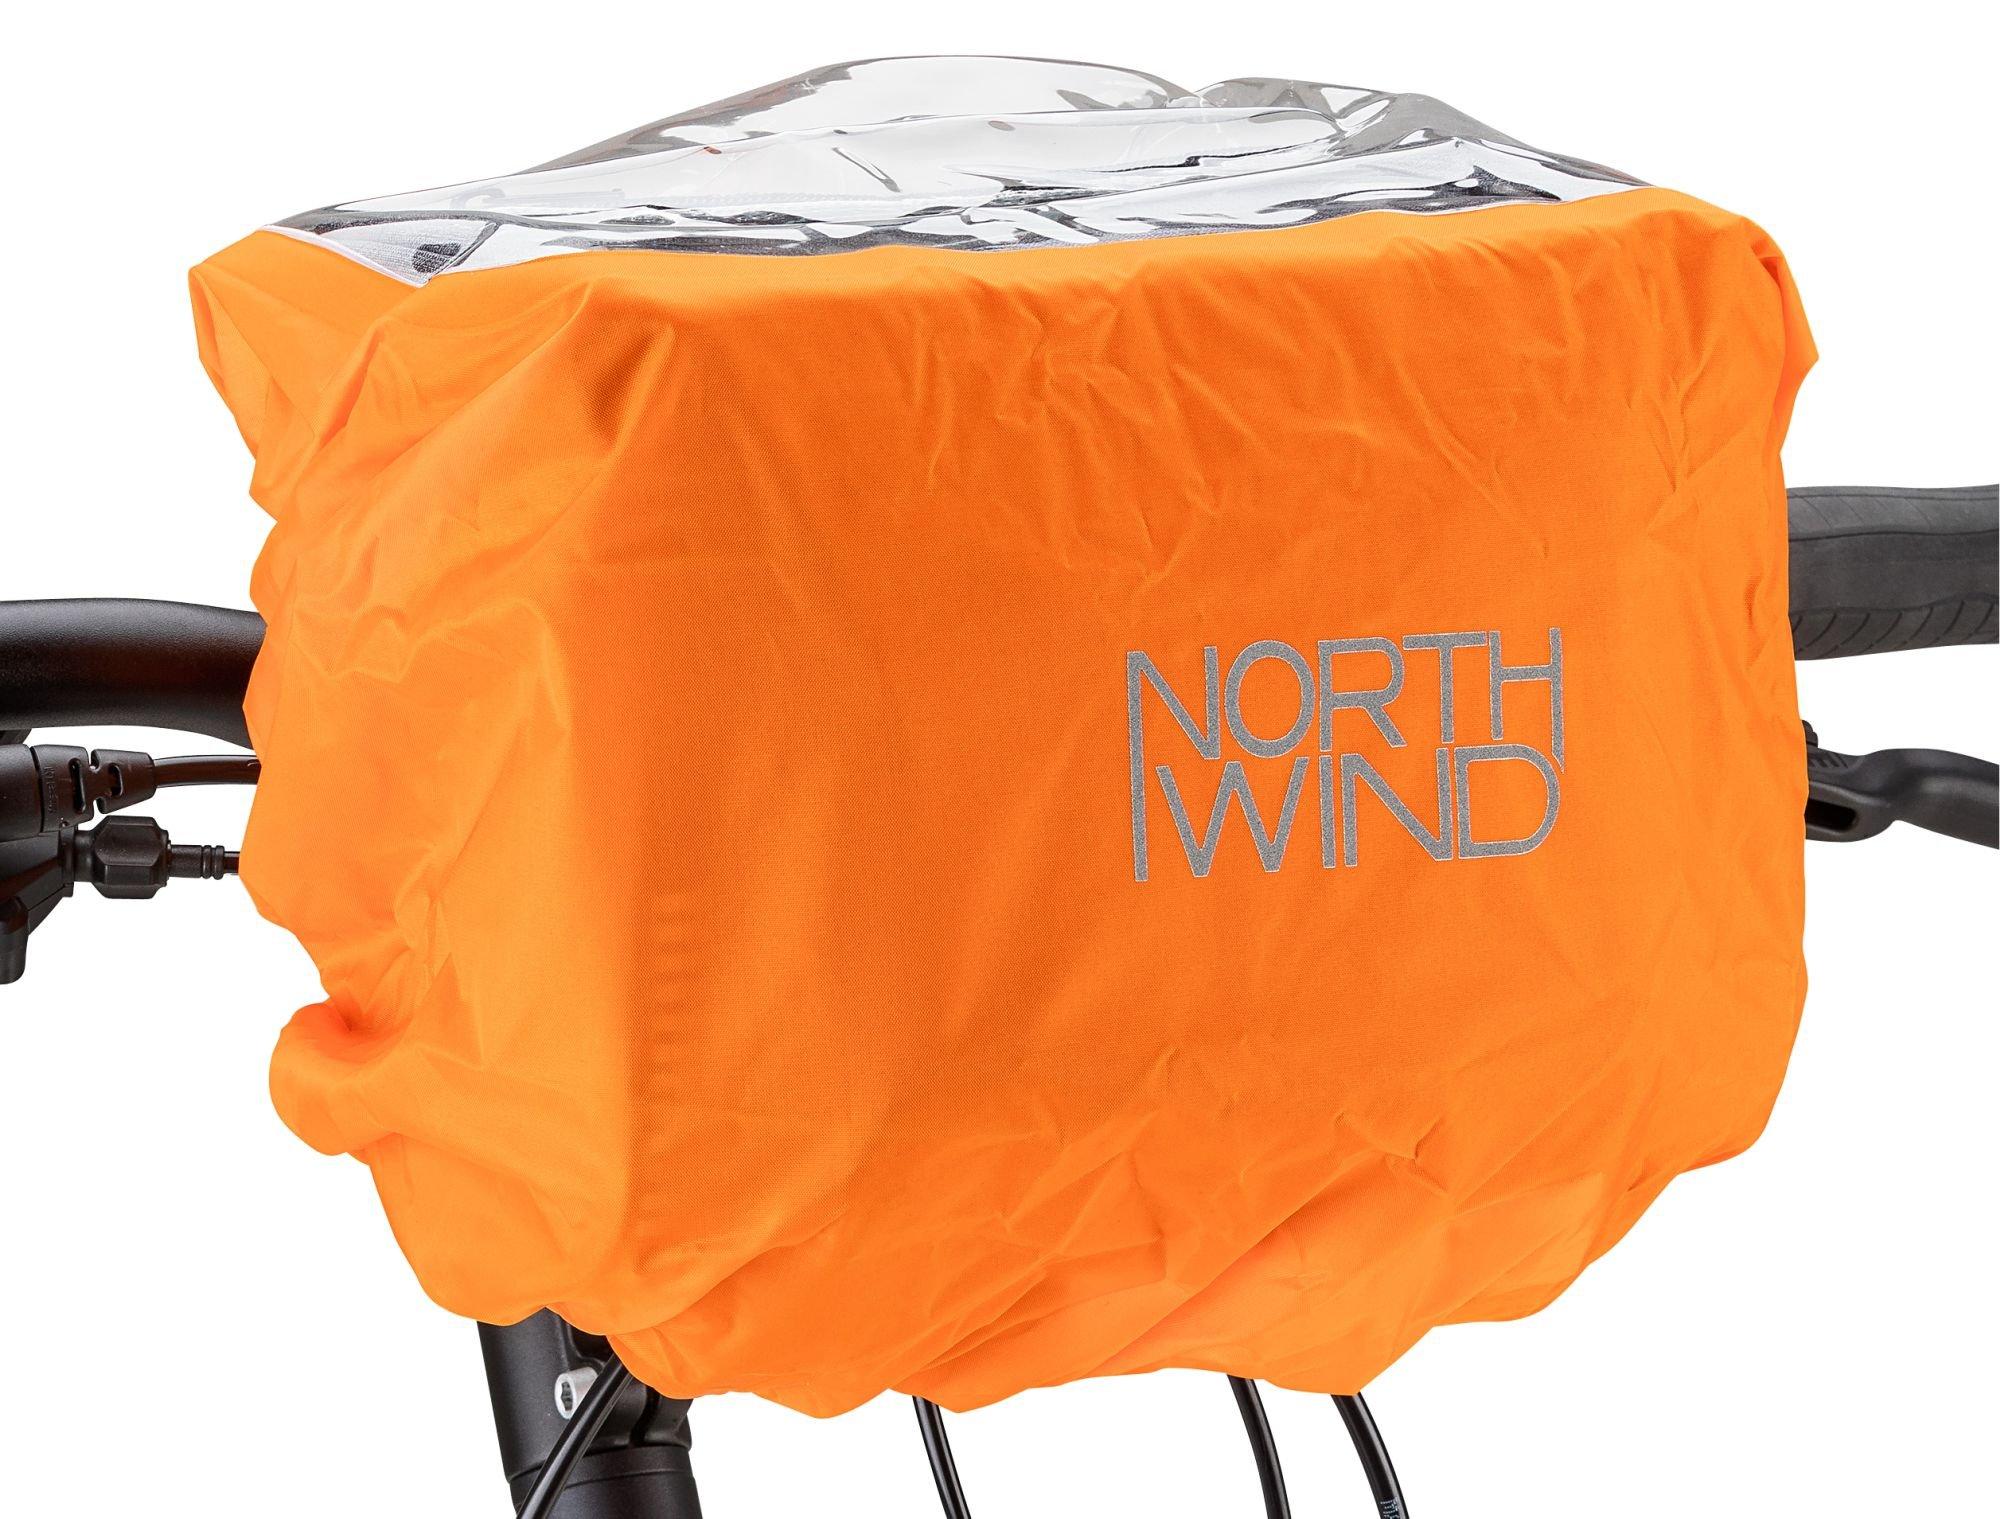 zubehör taschen/Koffer & Körbe: Northwind  Regenschutzhülle für Lenkertasche Rain Cover Handle Bar 2-5 Ltr